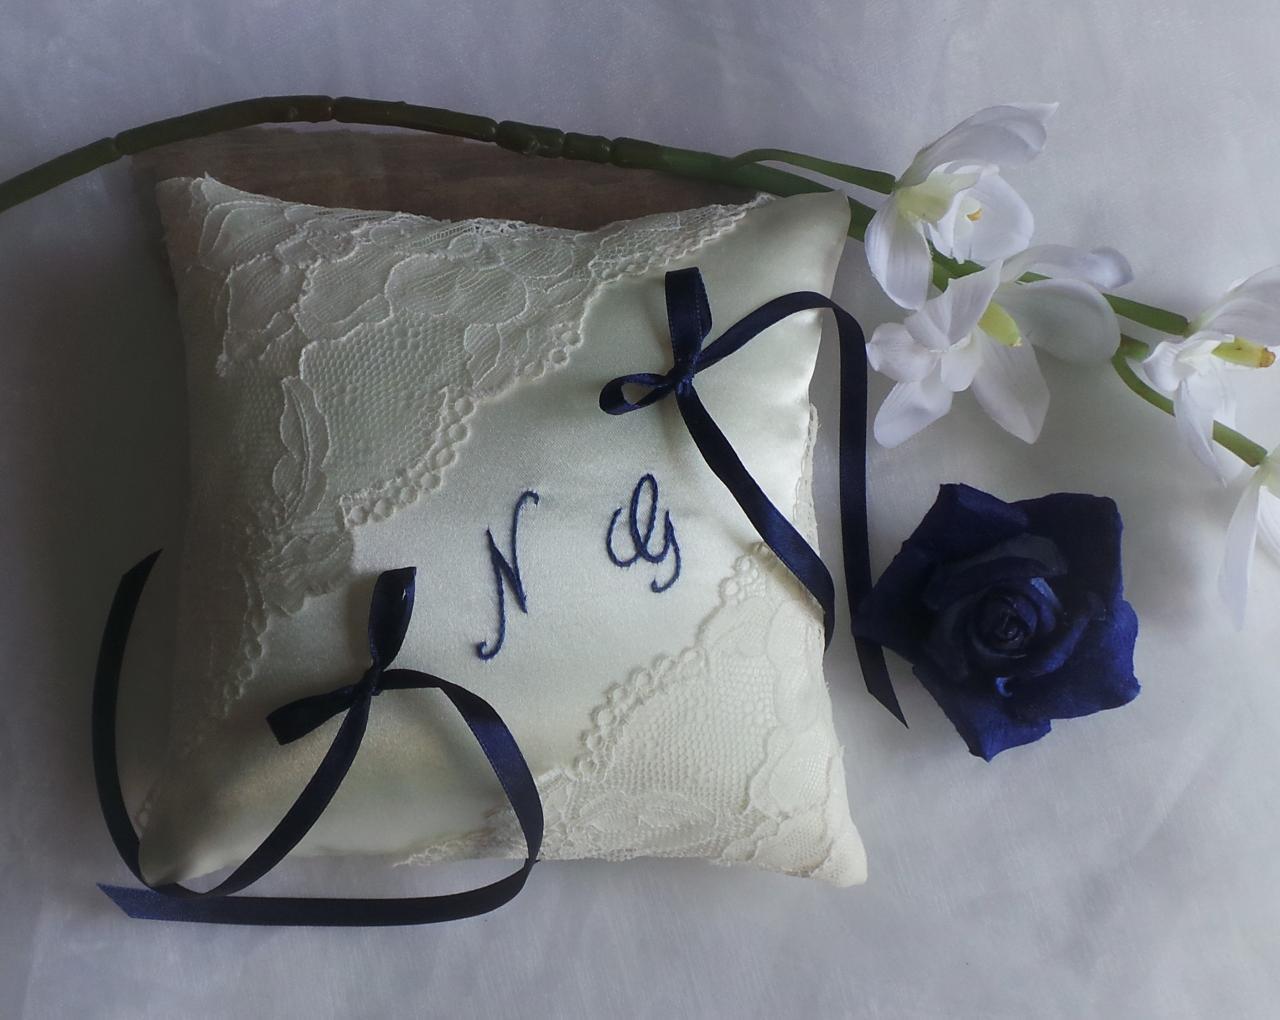 Coussin porte alliances dentelle ivoire bleu marine